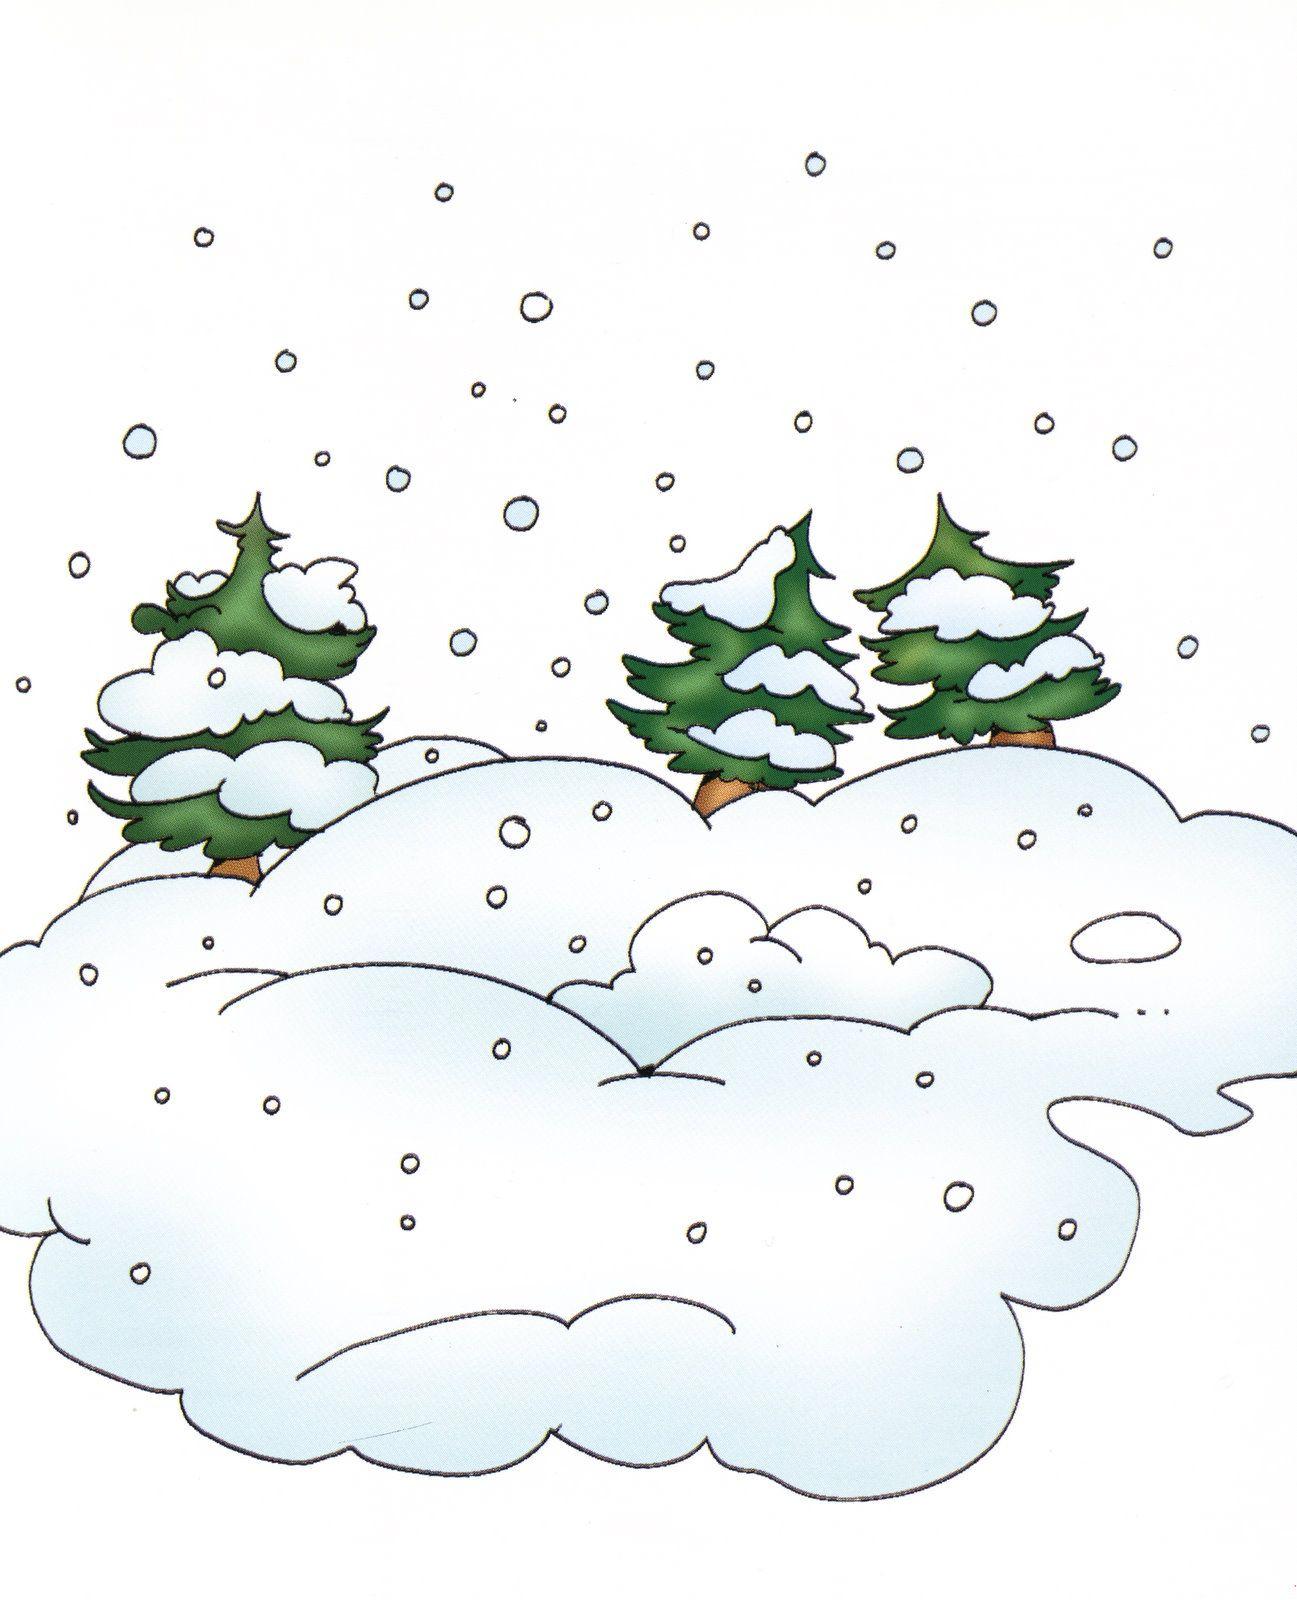 Картинка падающего снега для детей